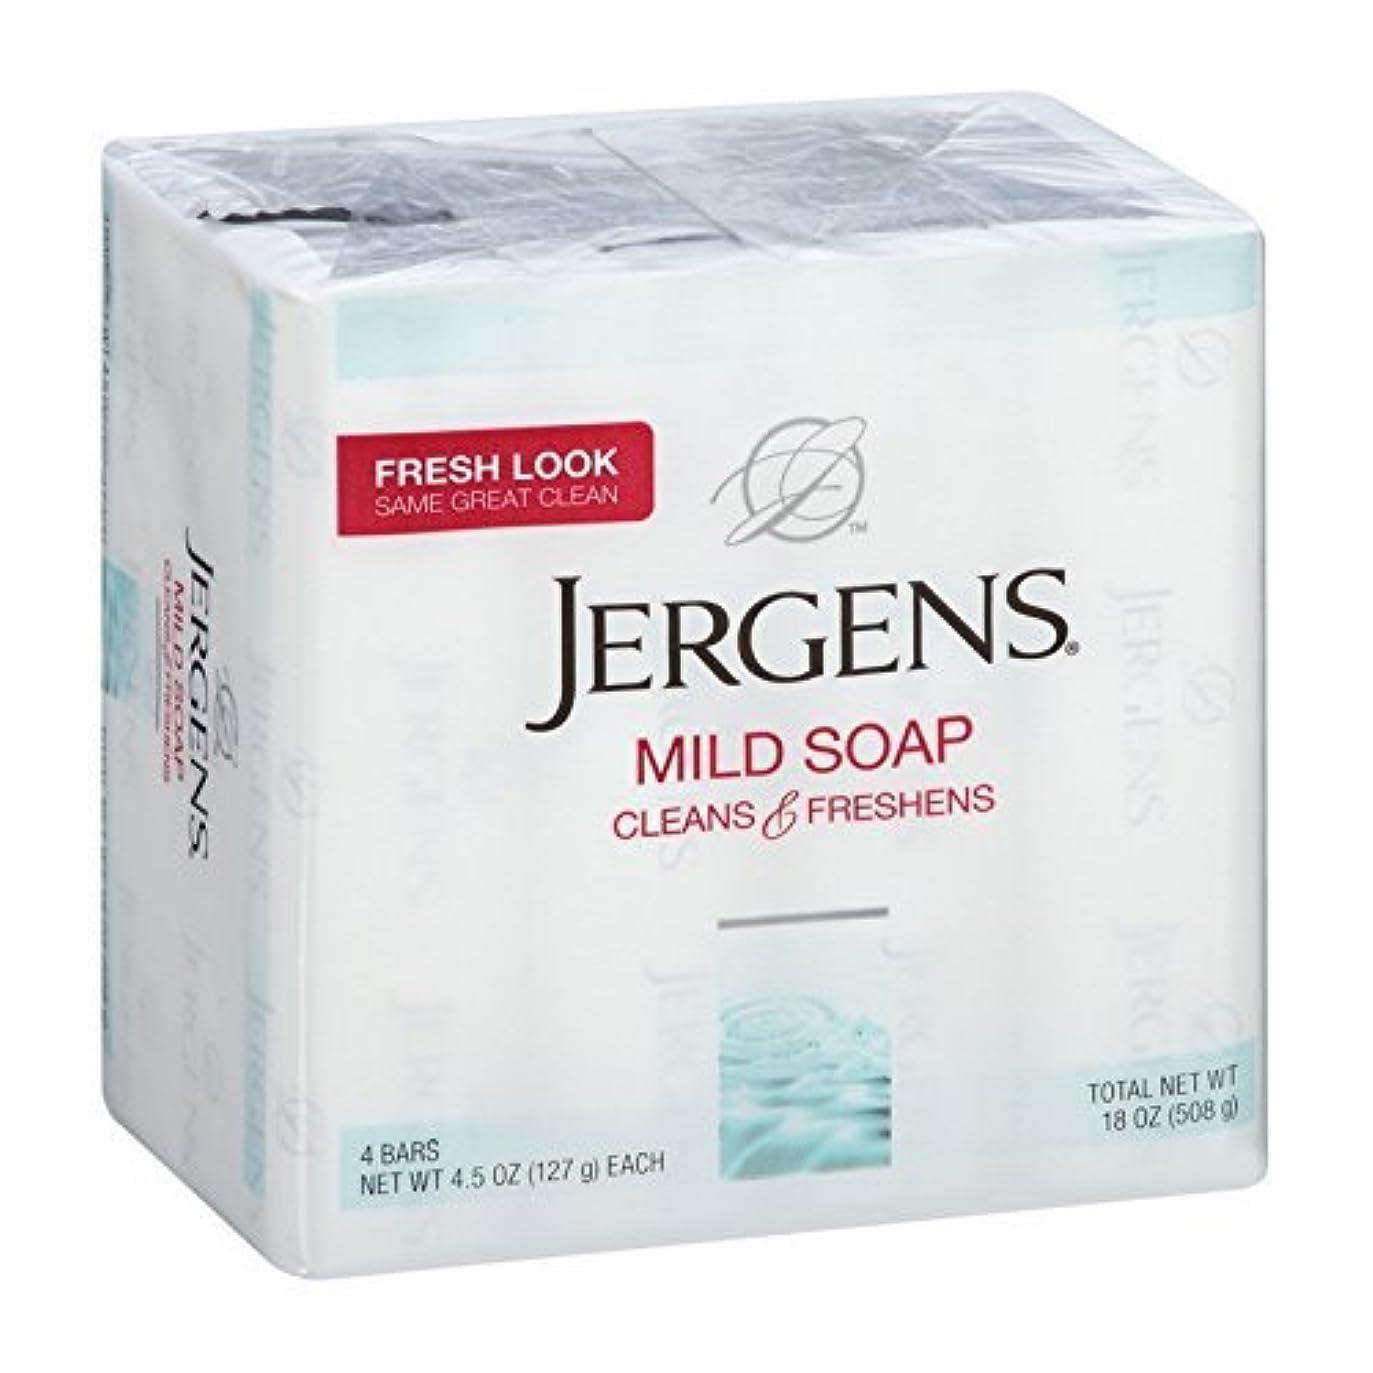 会社近所の拘束するJergens マイルドソープきれいに&フレッシュ4つのバー、4.5オズ(2パック) 2パック